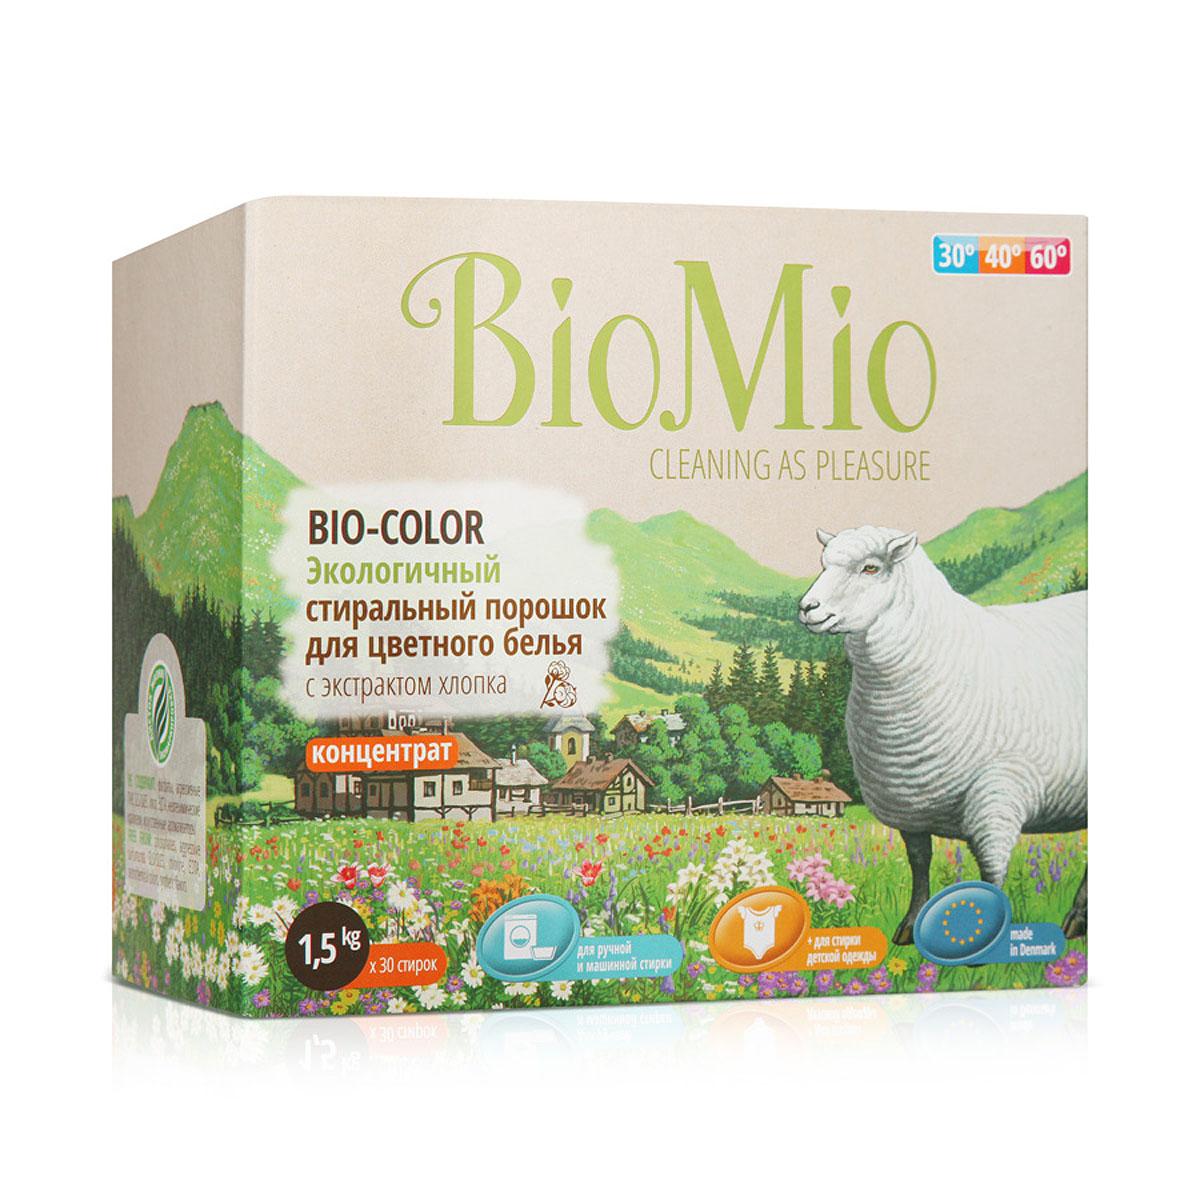 Стиральный порошок BioMio, для цветного белья, с экстрактом хлопка, 1,5 кг790009Экологичный стиральный порошок BioMio эффективно удаляет пятна и загрязнения, сохраняя структуру ткани и первозданный цвет. Подходит для ручной и машинной стирки. Концентрированная формула обеспечивает экономичный расход. Идеально подходит для стирки детского белья и одежды людей с чувствительной кожей. Полностью выполаскивается, исключает попадание на кожу моющих средств, способных вызывать раздражение чувствительной кожи. Средство без запаха не содержит эфирных масел, что делает его абсолютно безопасным для детской одежды. Безопасен для планеты. Не содержит: фосфаты, агрессивные ПАВ, SLS/SLES, хлор, EDTA, нефтехимические красители, искусственные ароматизаторы.BioMio - линейка эффективных средств для дома, использование которых приносит только удовольствие. Уборка помогает не только очистить и гармонизировать свое пространство, но и себя, свои мысли, поэтому важно ее делать с радостью. Средства, созданные с любовью и заботой, помогут в этом и идеально справятся с загрязнениями, оставаясь при этом абсолютно безопасными и экологичными. Средства BioMio незаменимы, если в доме есть ребенок.Состав: 5-15% цеолиты, неионогенные ПАВ; Вес: 1,5 кг.Товар сертифицирован.